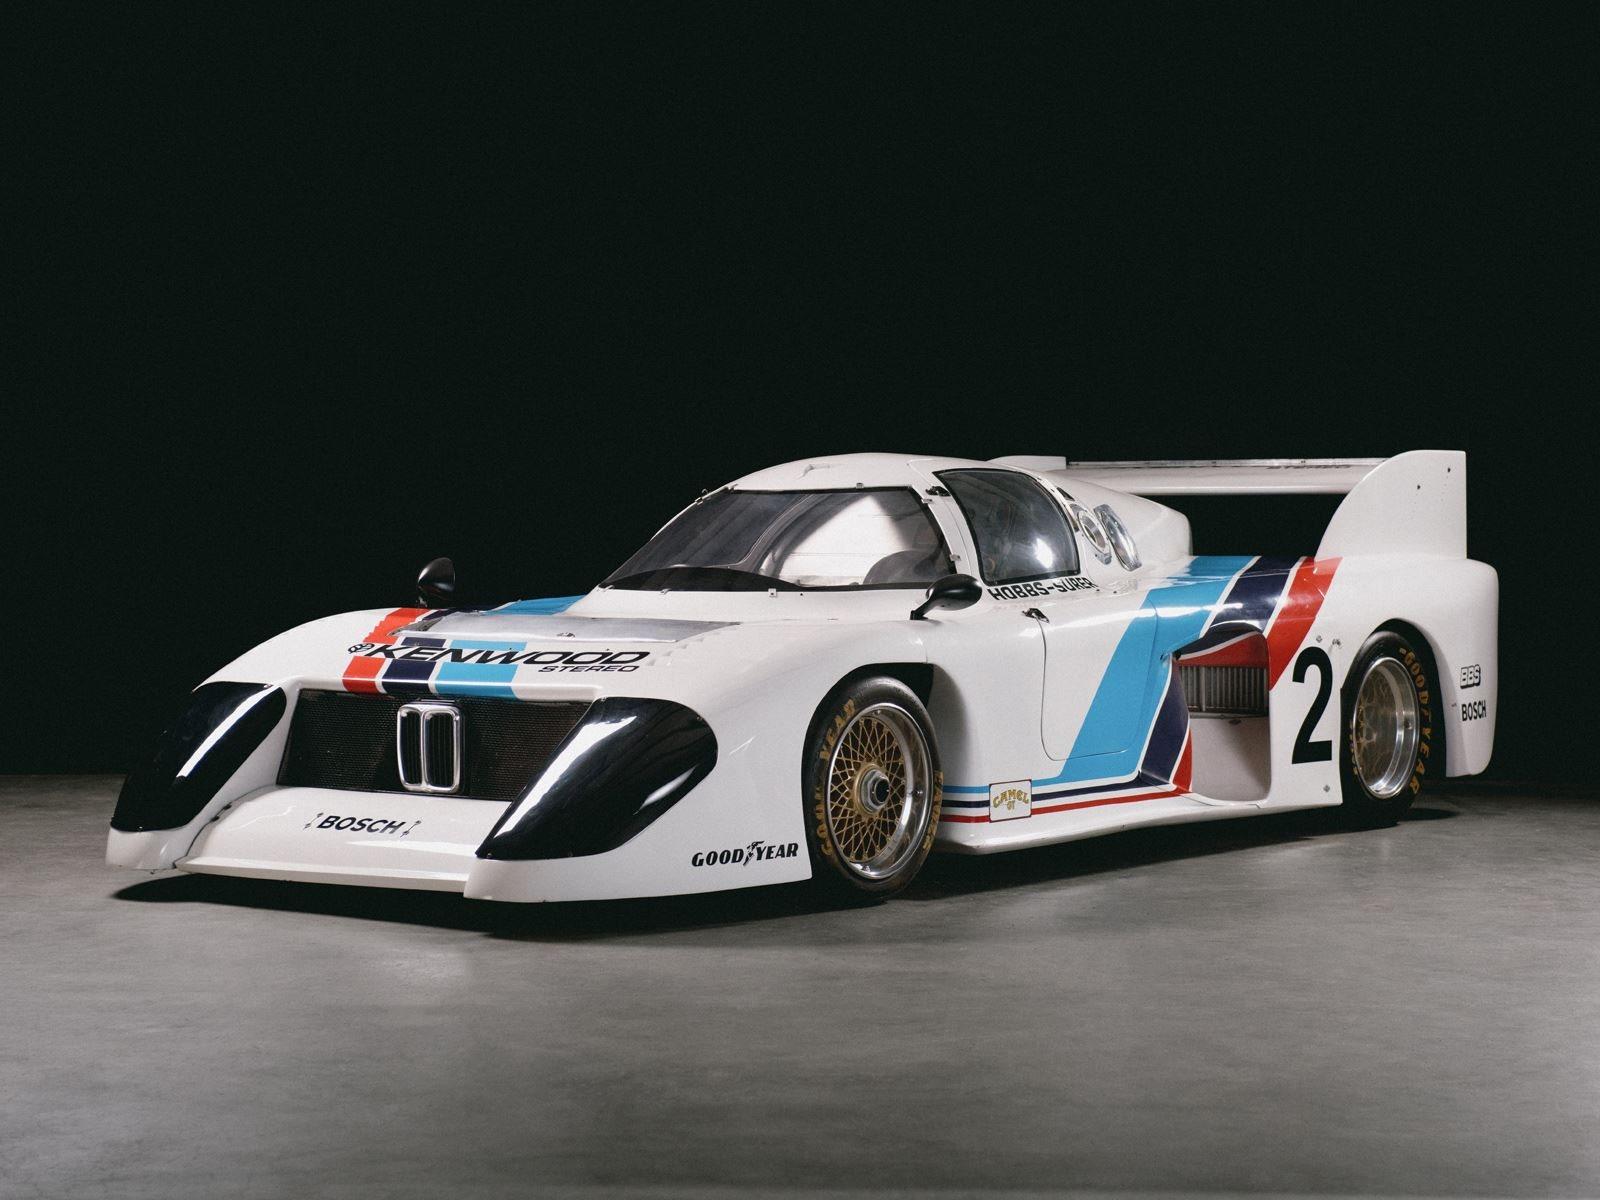 Он также был недавно признан одним из 10 лучших автомобильных музеев в мире.